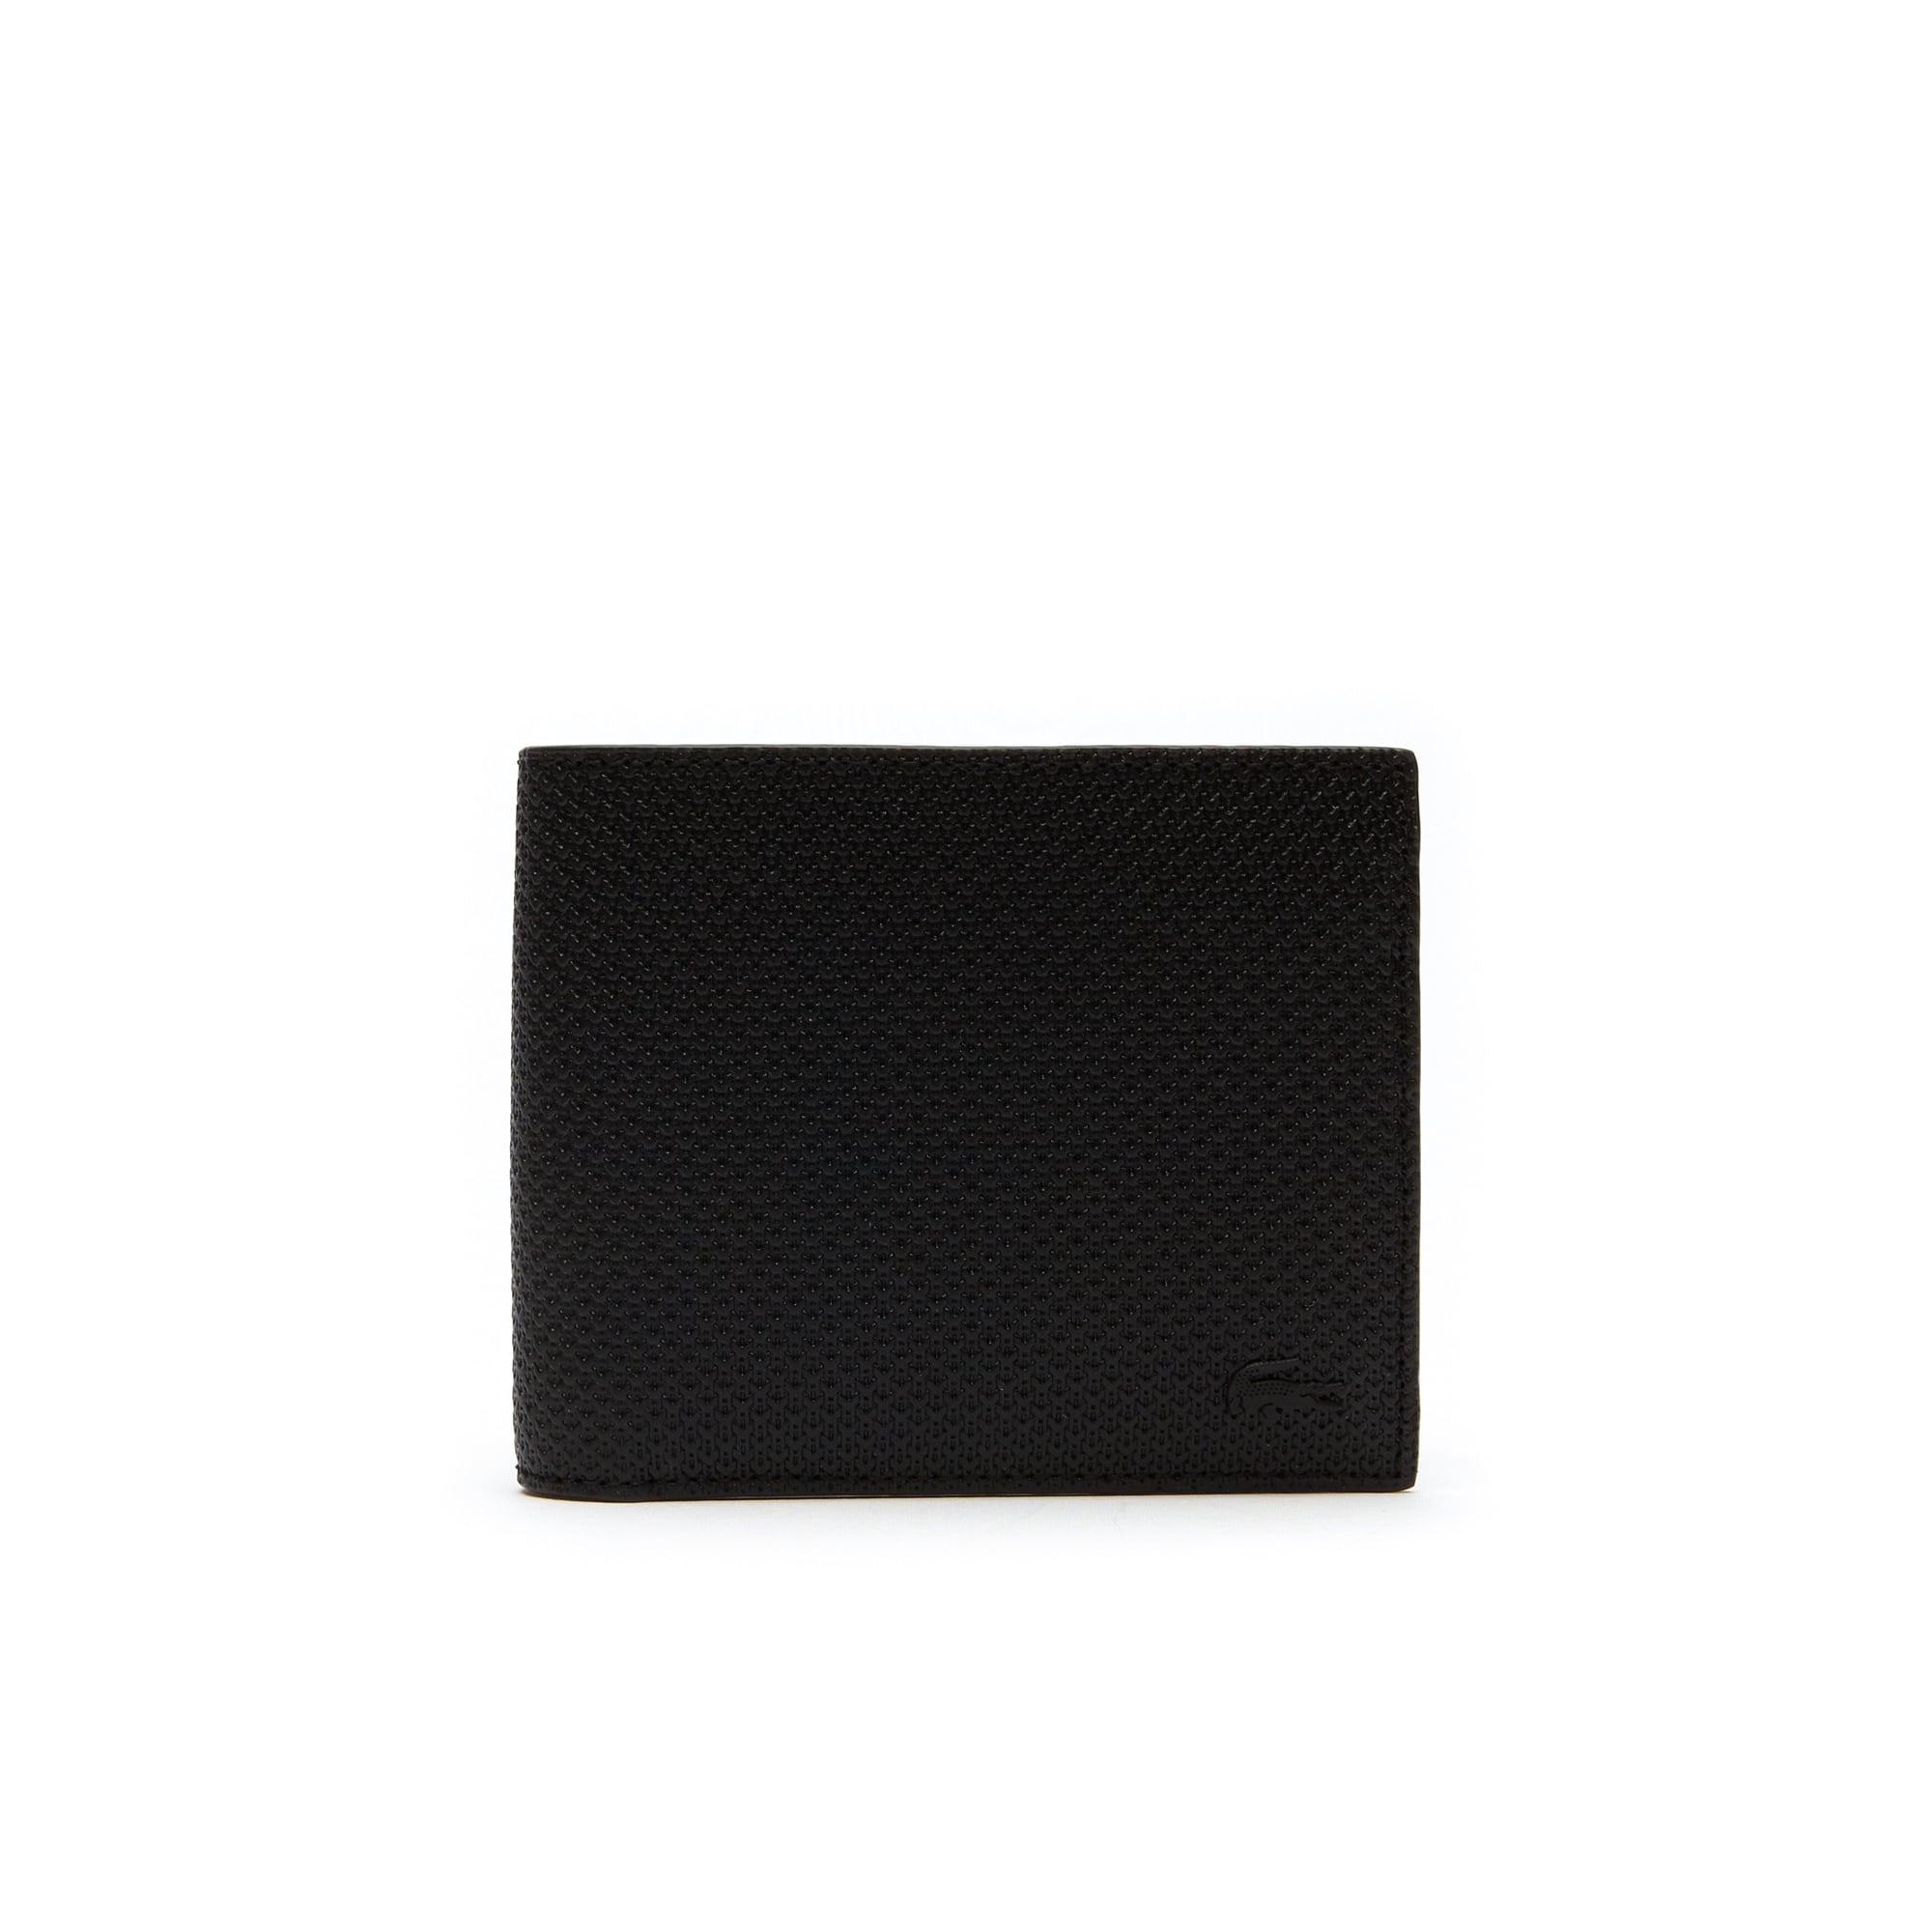 Herren-Set Brieftasche und Kartenetui CHANTACO aus Piqué-Leder